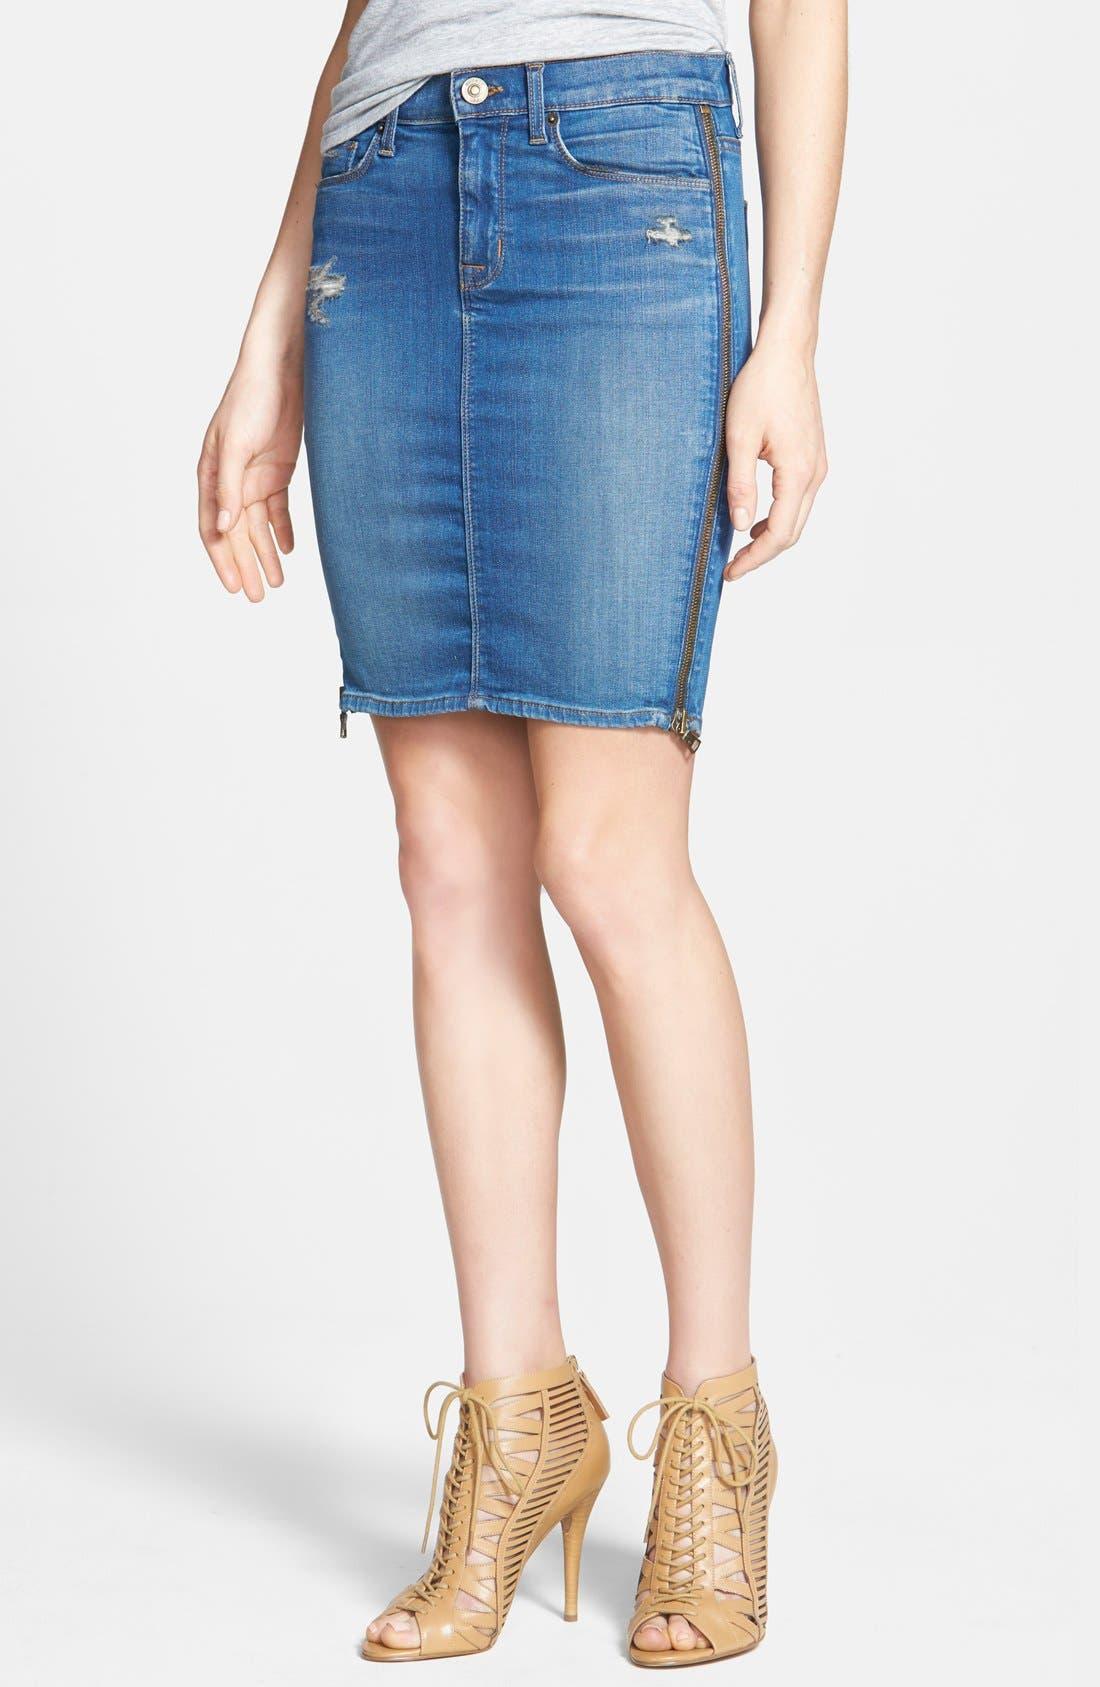 Alternate Image 1 Selected - Hudson Jeans Side Zip Denim Skirt